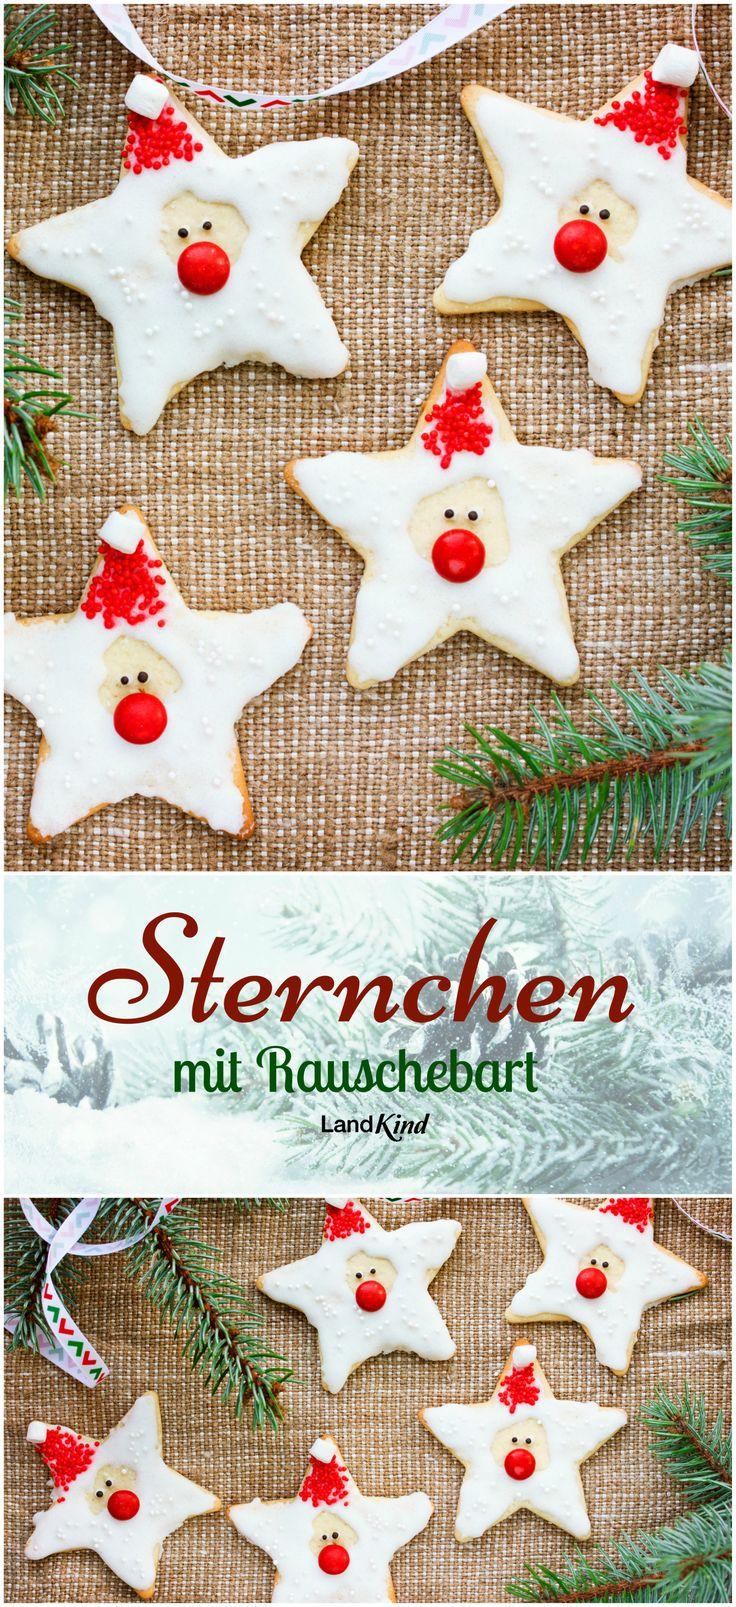 Zuckersüß: Zum Verzieren der Weihnachtssternchen werden Puderzucker und Zitronensaft zu einem glatten Guss verrührt, der dann auf den Zacken der Sterne verstrichen wird. Nun folgen rote Schokolinsen als Nasen, dunkle Zuckerperlen als Augen, rote Zuckerperlen als Mützen und Mini-Marshmallows als Zipfel an den Mützchen.